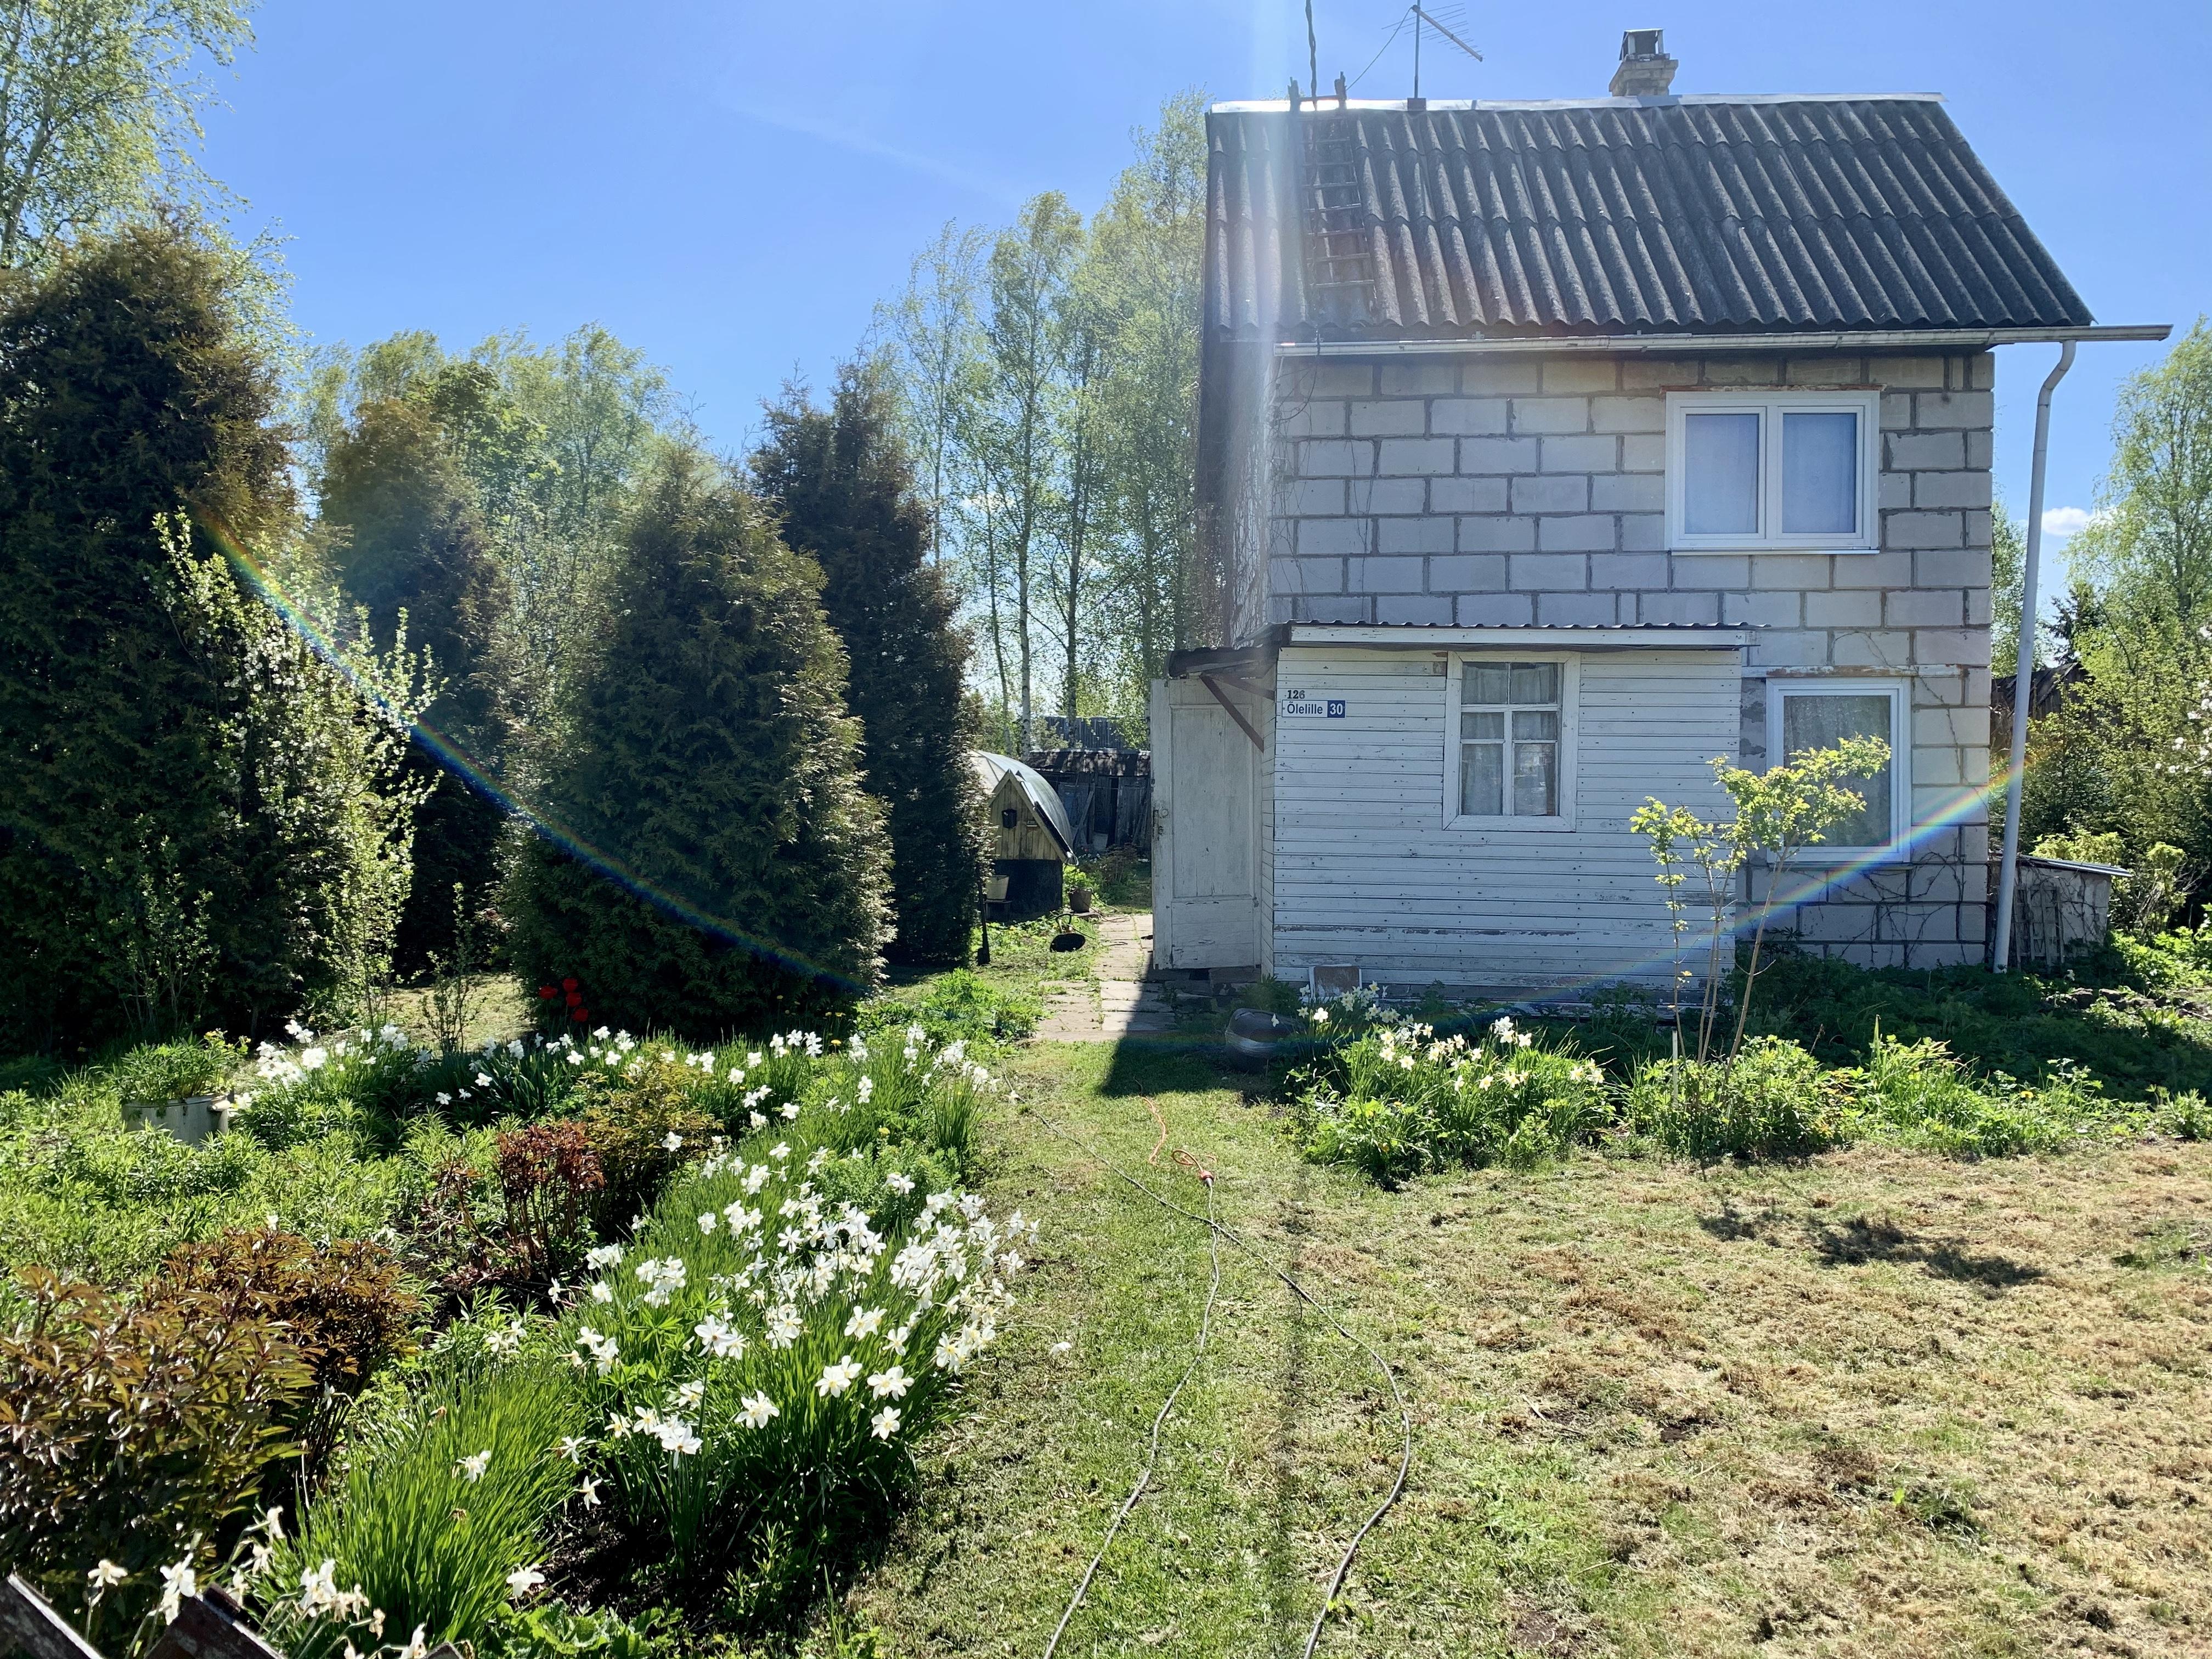 Õlelille 30, Narva